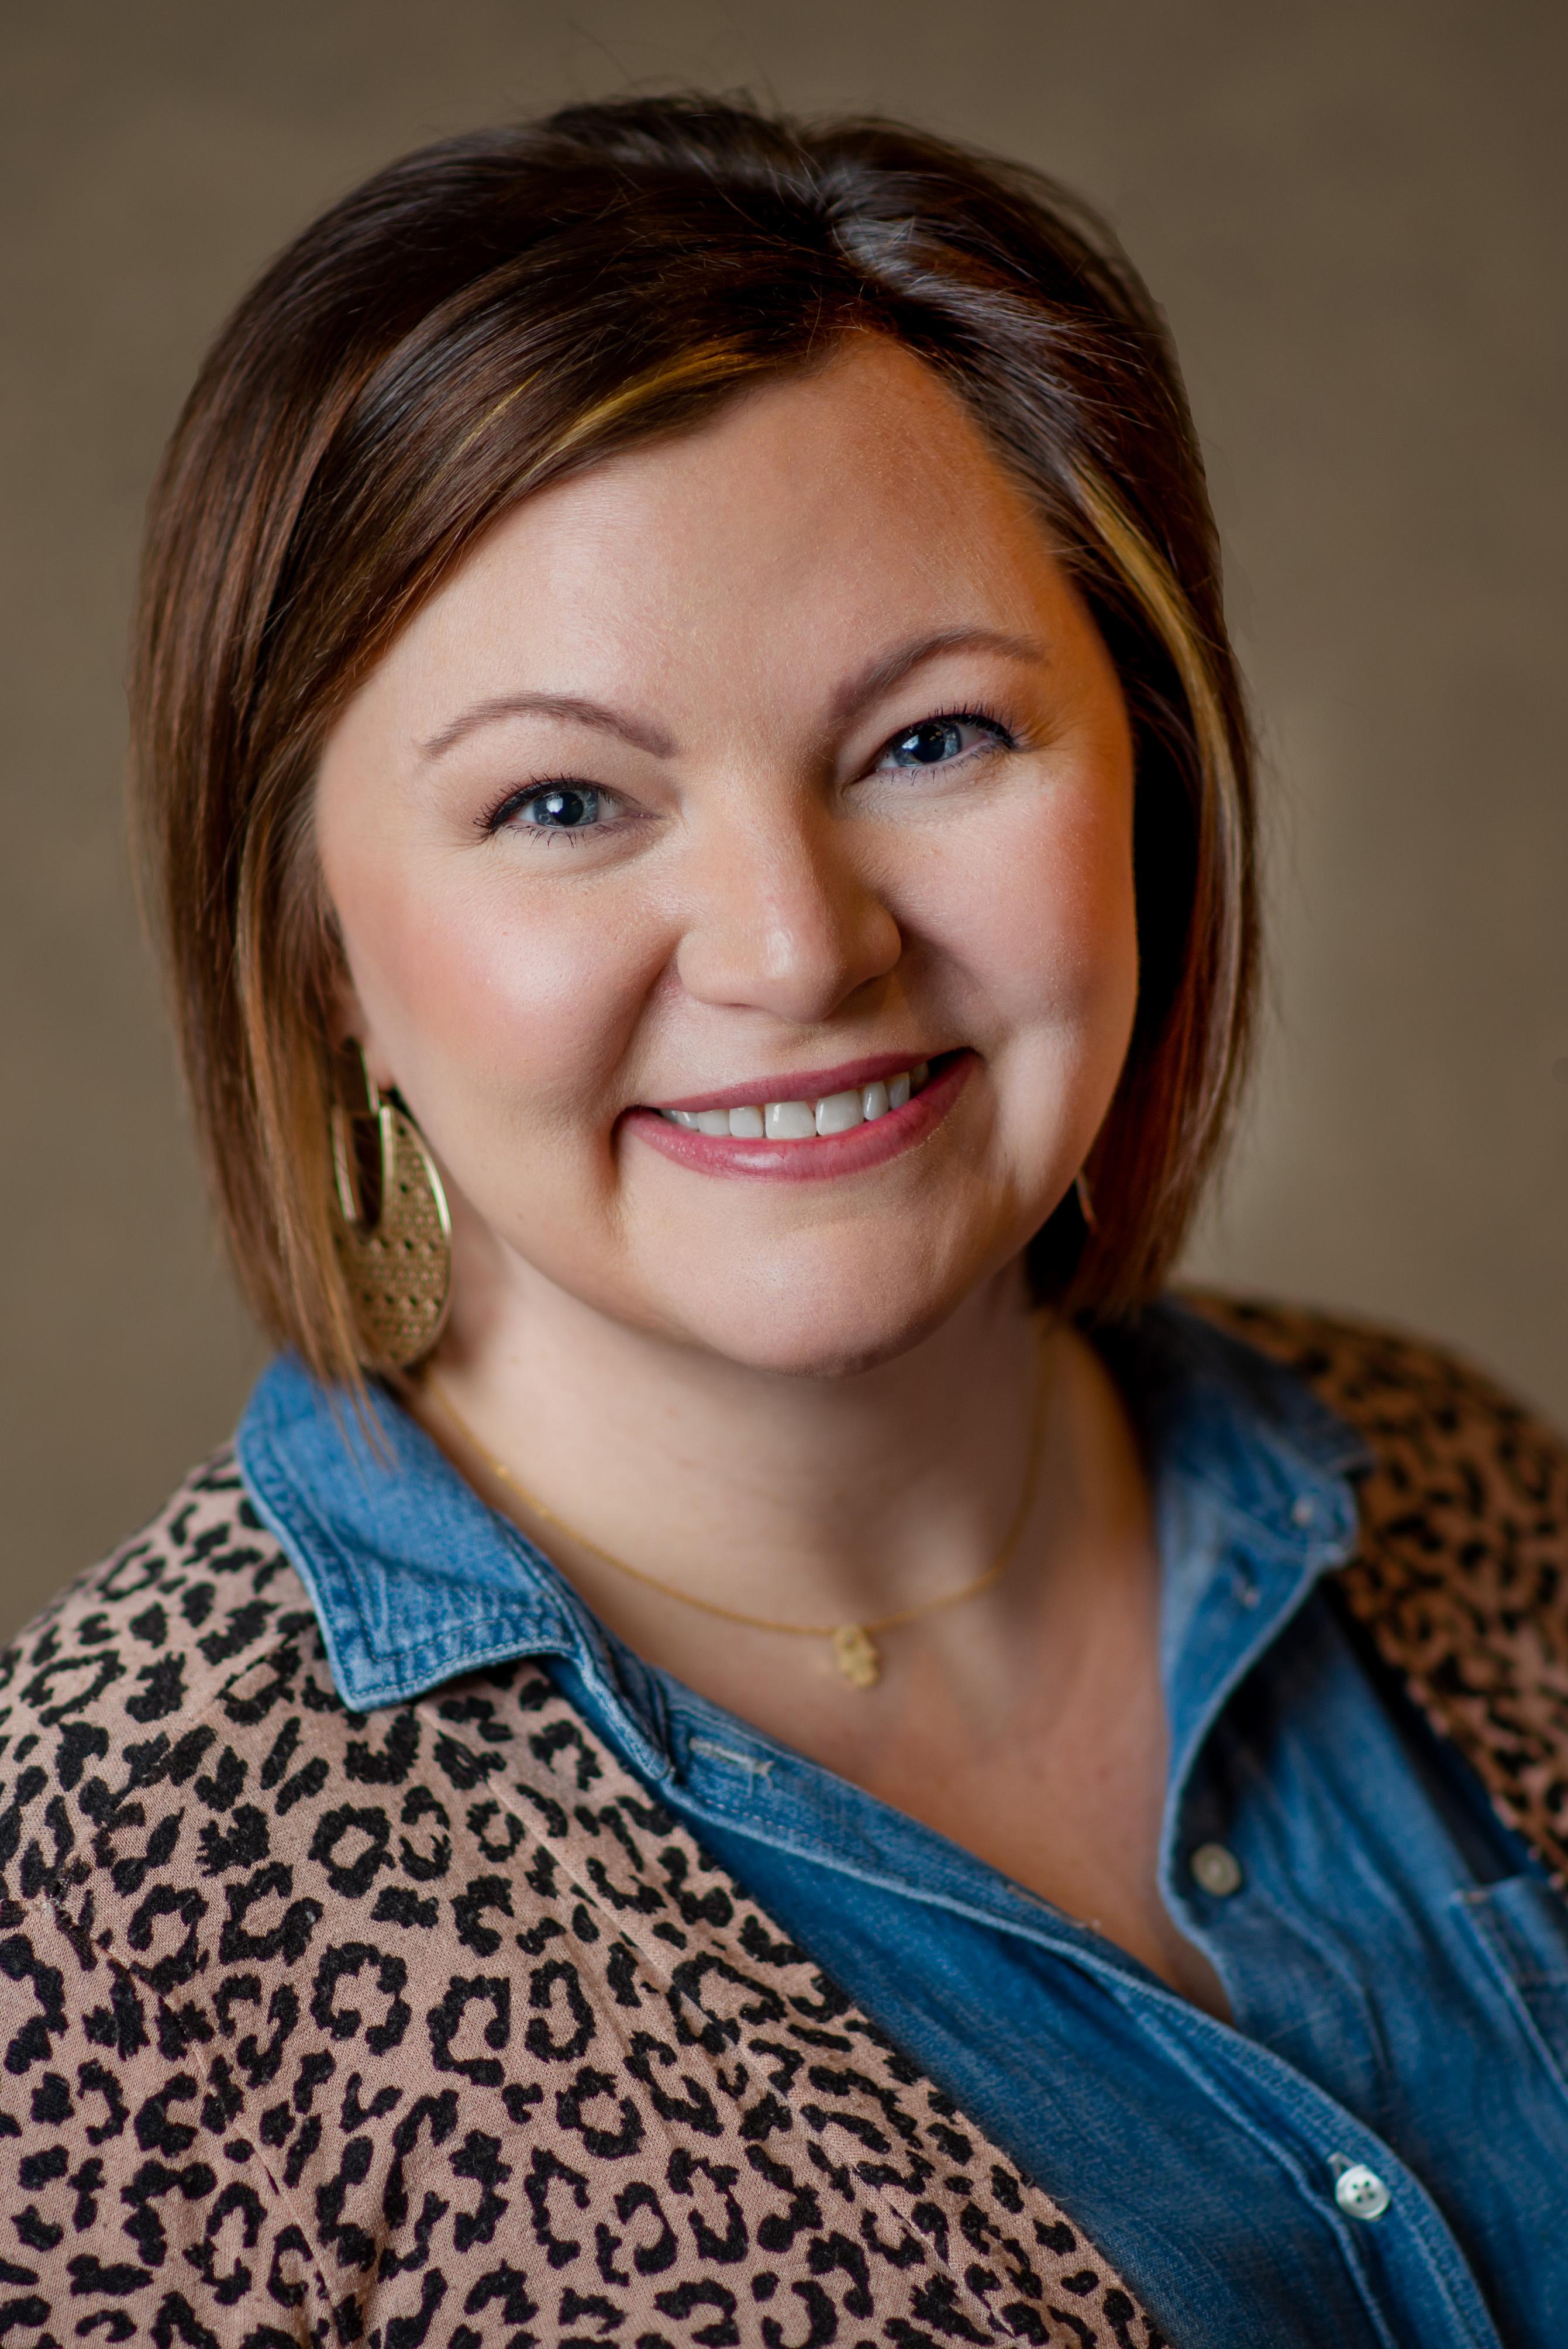 Jessica Odom